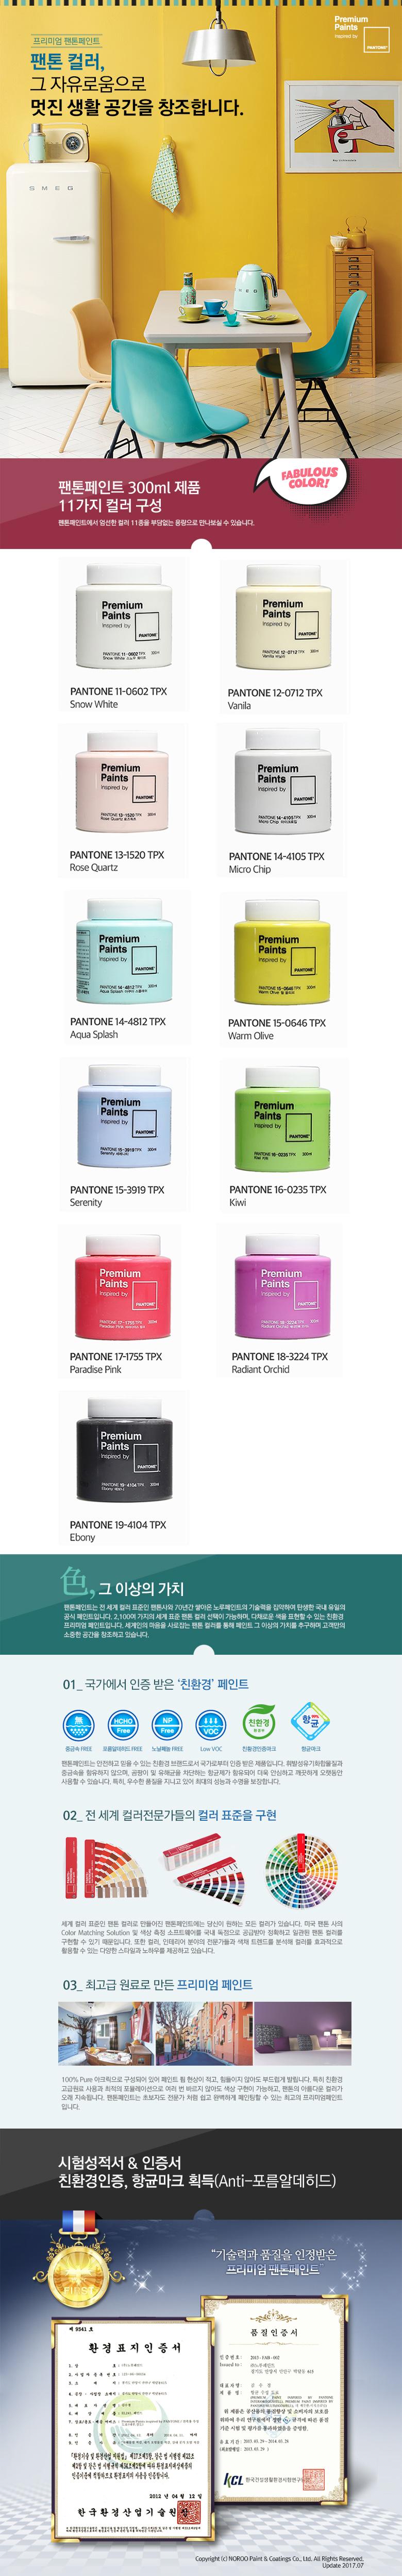 팬톤프리미엄페인트(300ml/세레니티/노루페인트) - 오피스디포, 7,800원, 금속/섬유전용물감, 금속물감